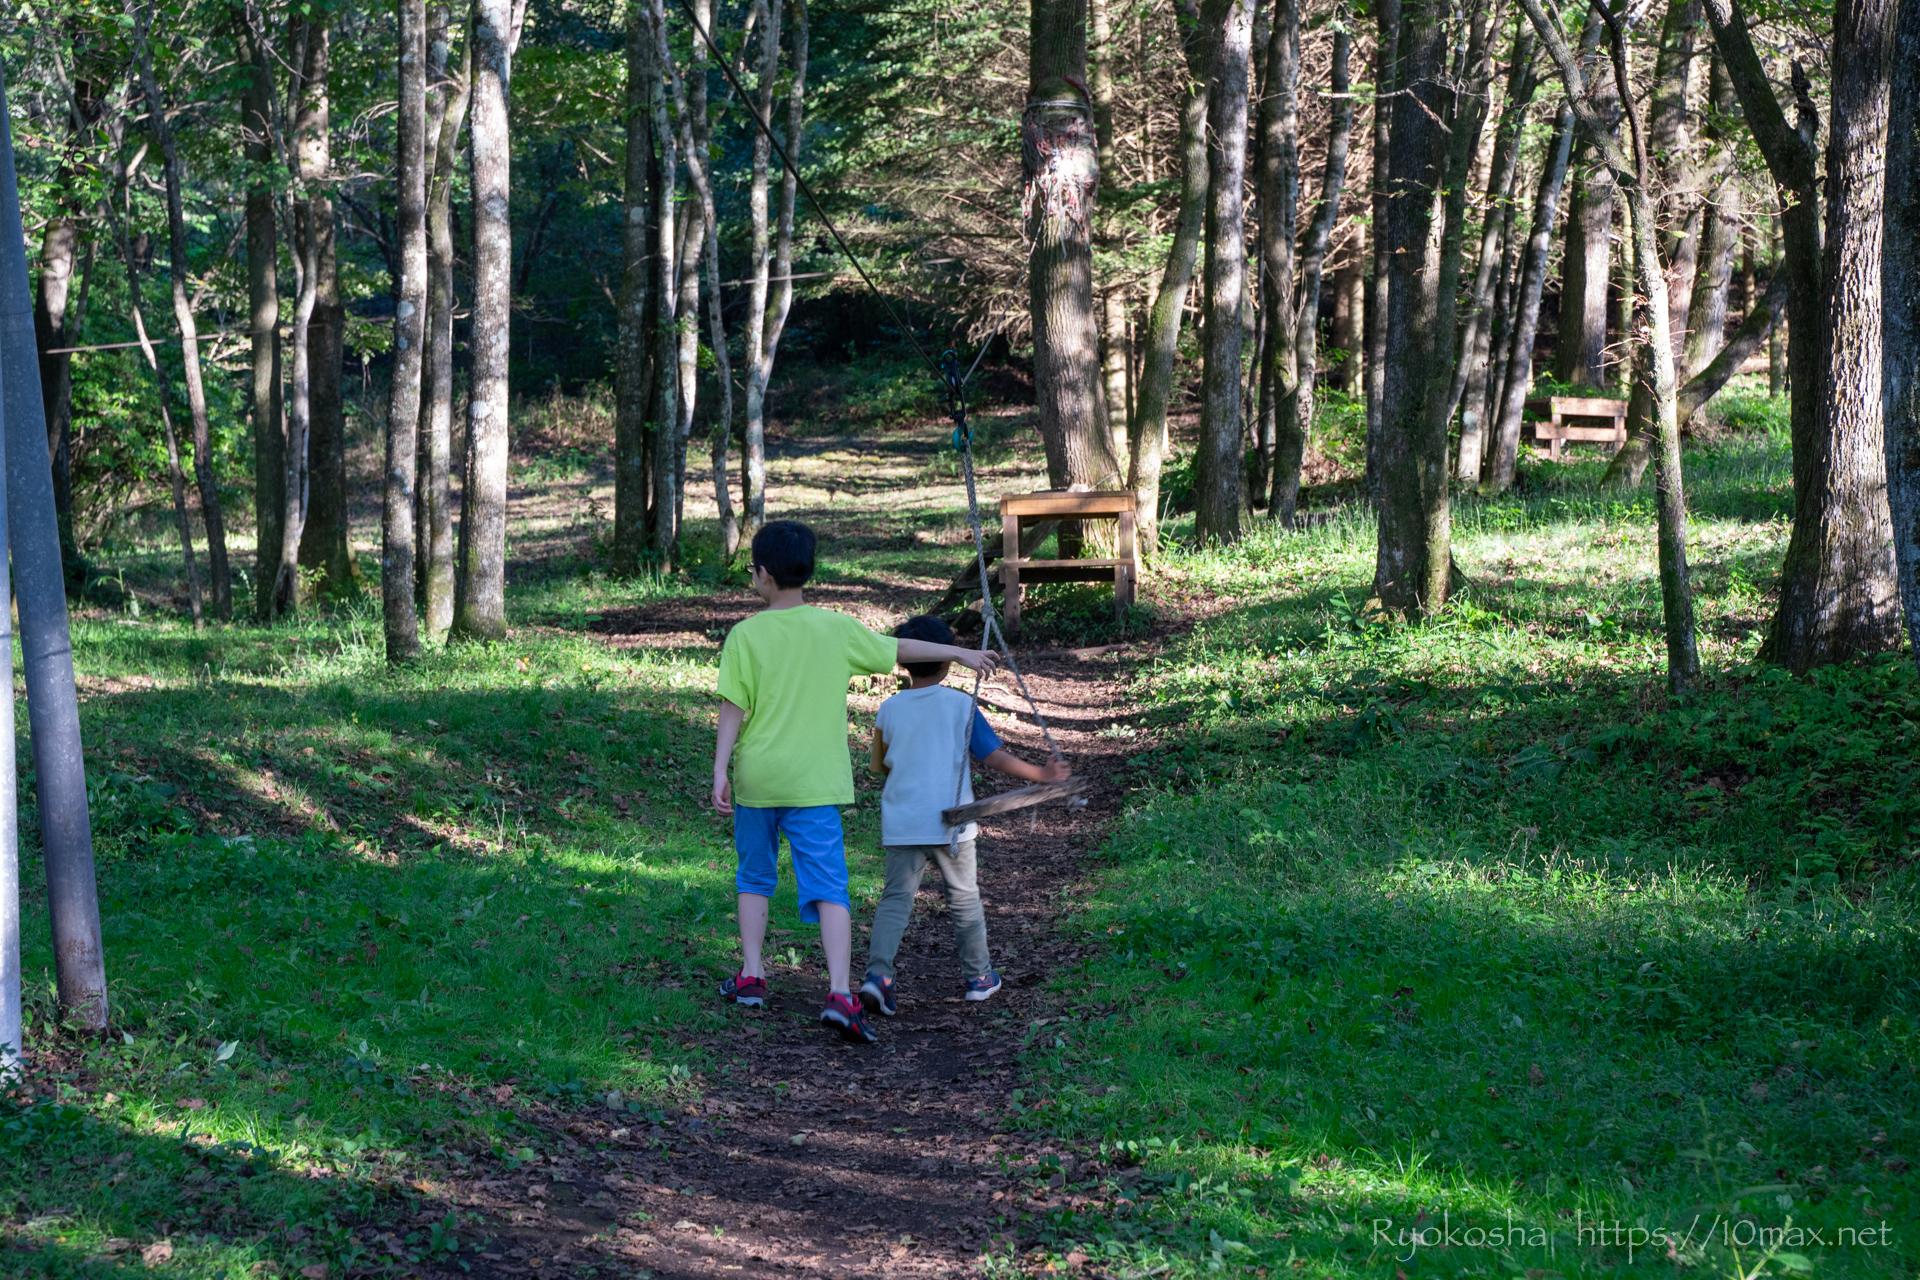 暮坂高原オートキャンプ場 キャンプレポ 森の遊園地 アスレチック